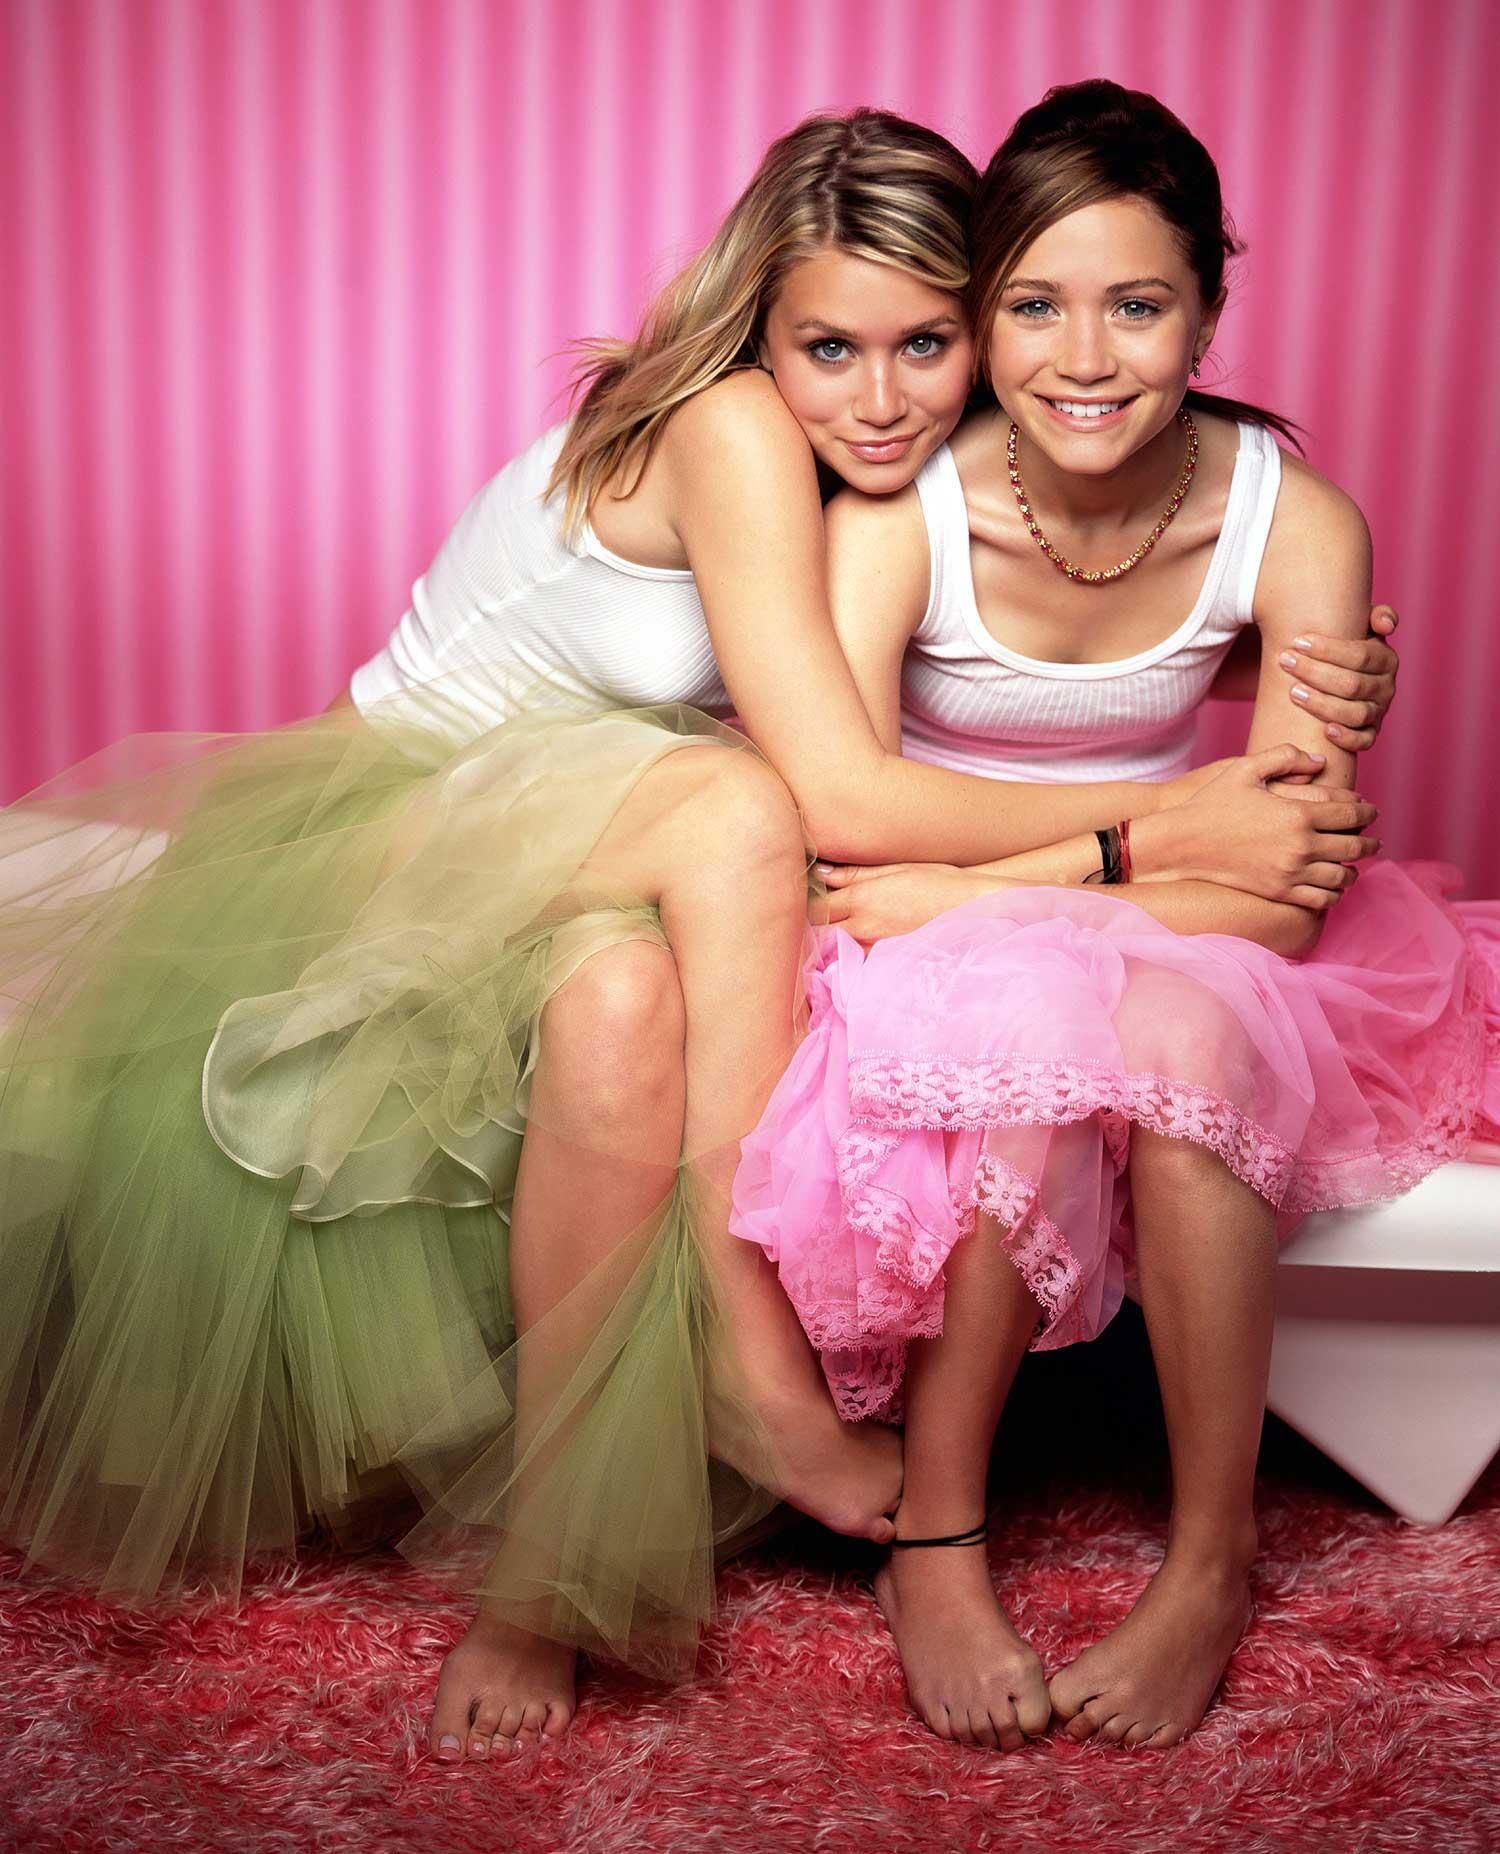 Смотреть порно онлайн с двумя девочками 12 фотография